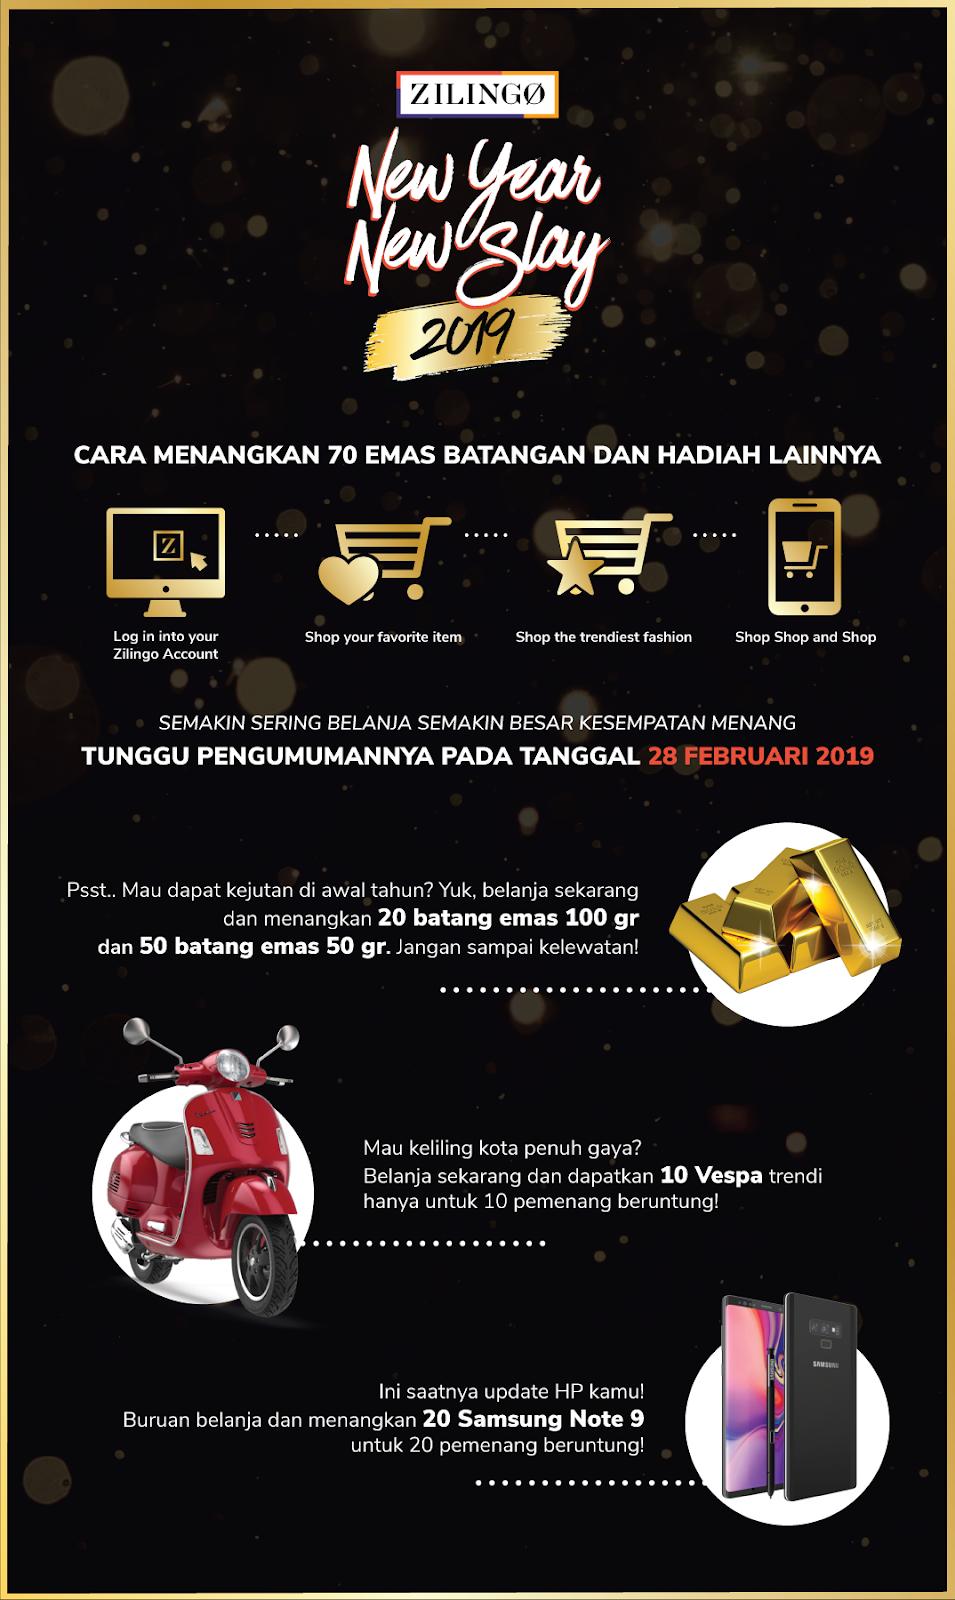 #Zilingo - Promo New Year New Slay 2019 & Hadiah Menarik (s.d 31 Januari 2019)